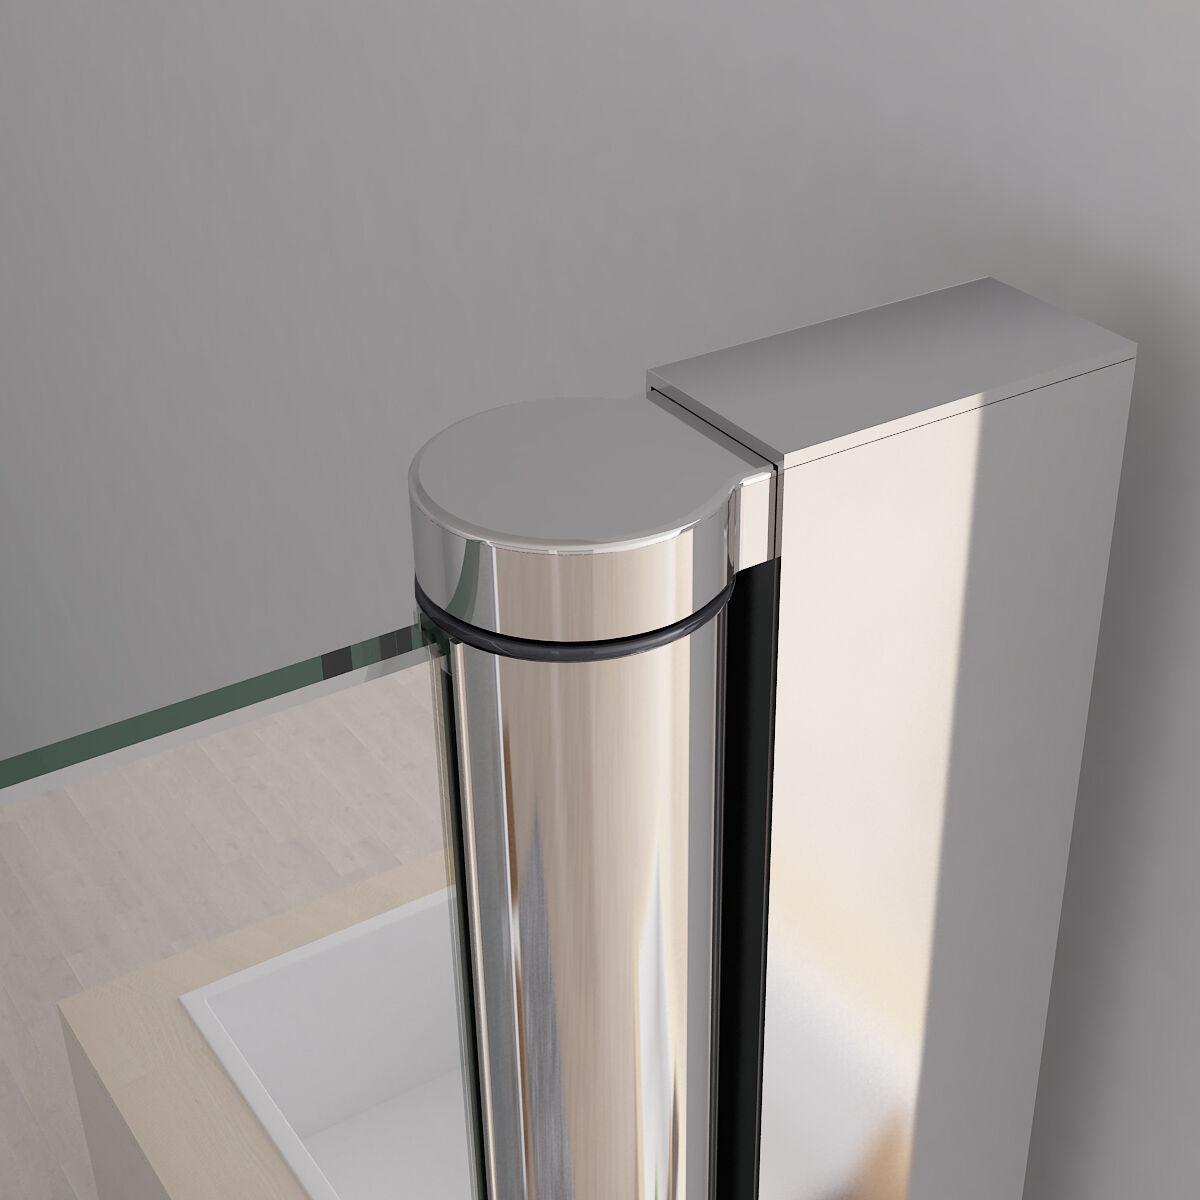 90 x 75 cm duschkabine eckig dusche schwingt r 180 duschwand 75 seitenwand nano. Black Bedroom Furniture Sets. Home Design Ideas